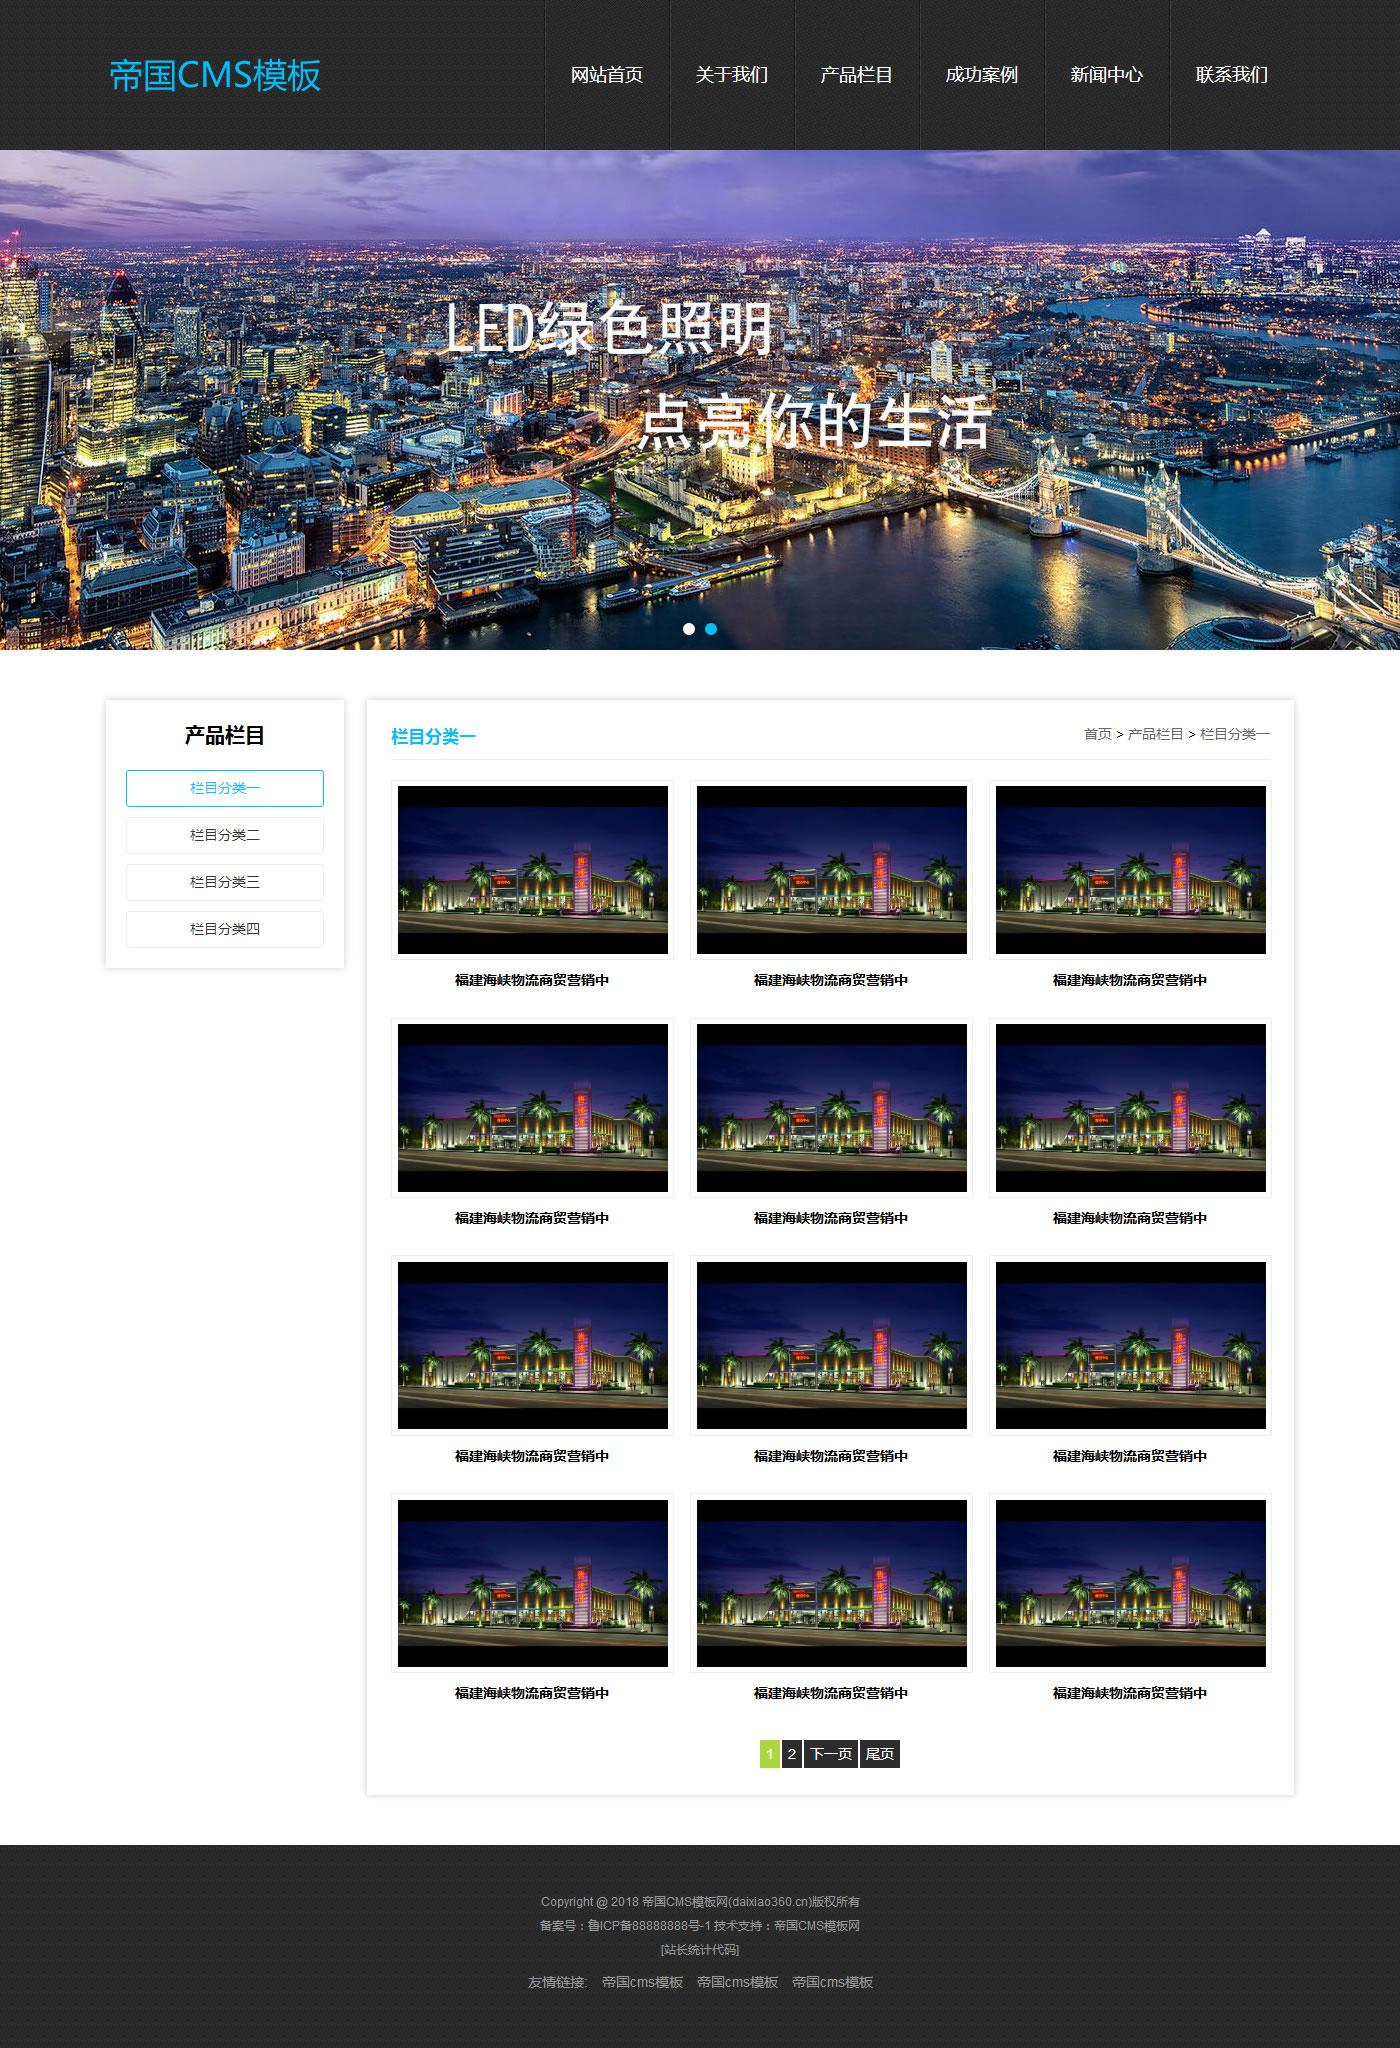 黑色帝国CMS综合行业企业网站模板带手机版_图片展示